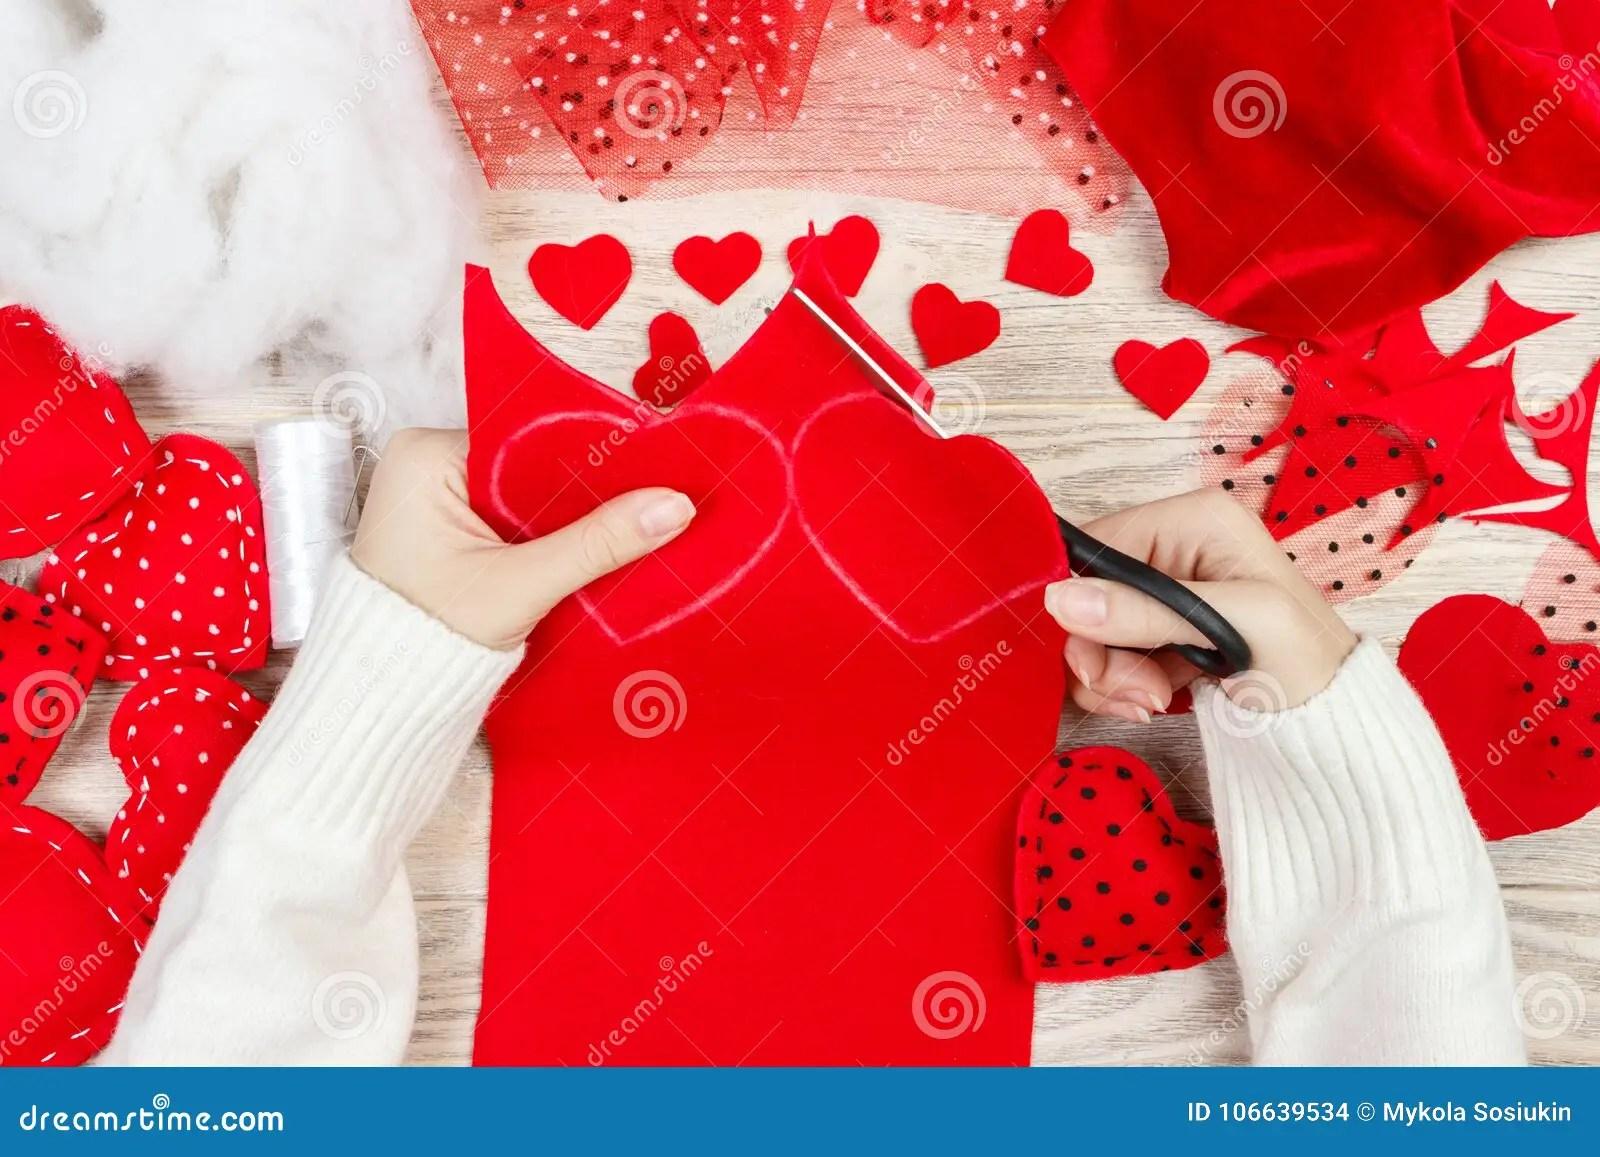 Valentines Day Scrapbook Background Handmade T